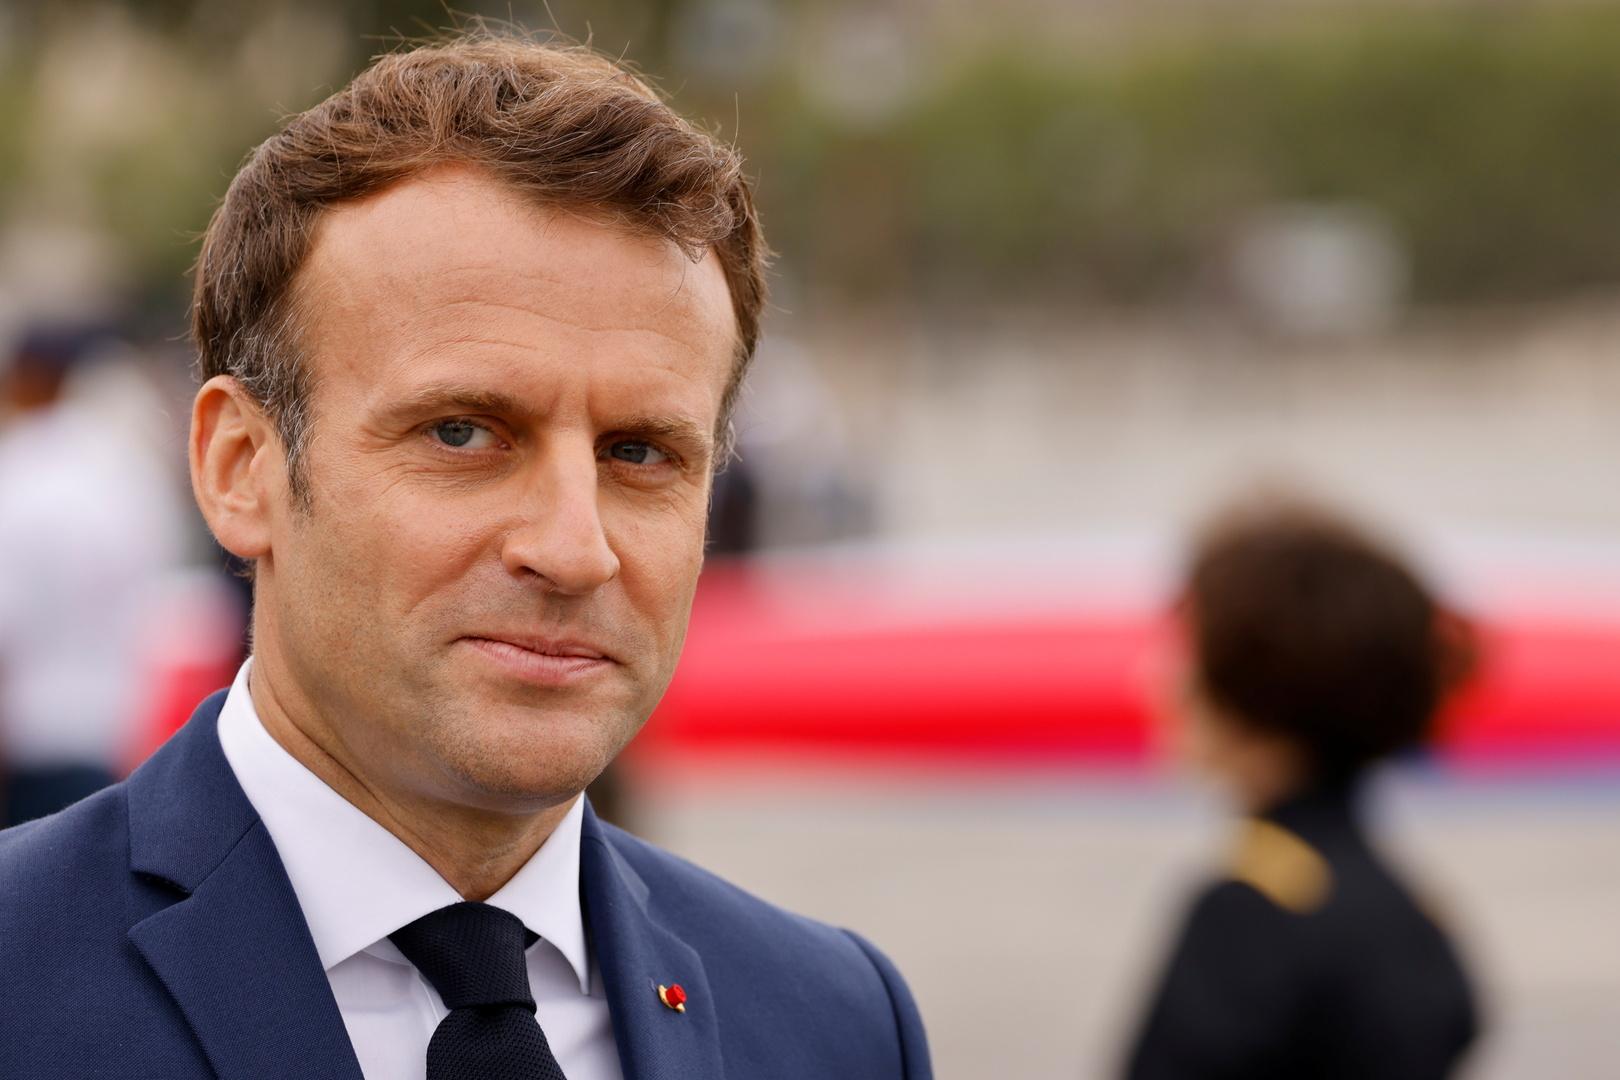 ماكرون يواجه ضغوطا لتقديم اعتذار عن التجارب النووية في بولينيزيا الفرنسية